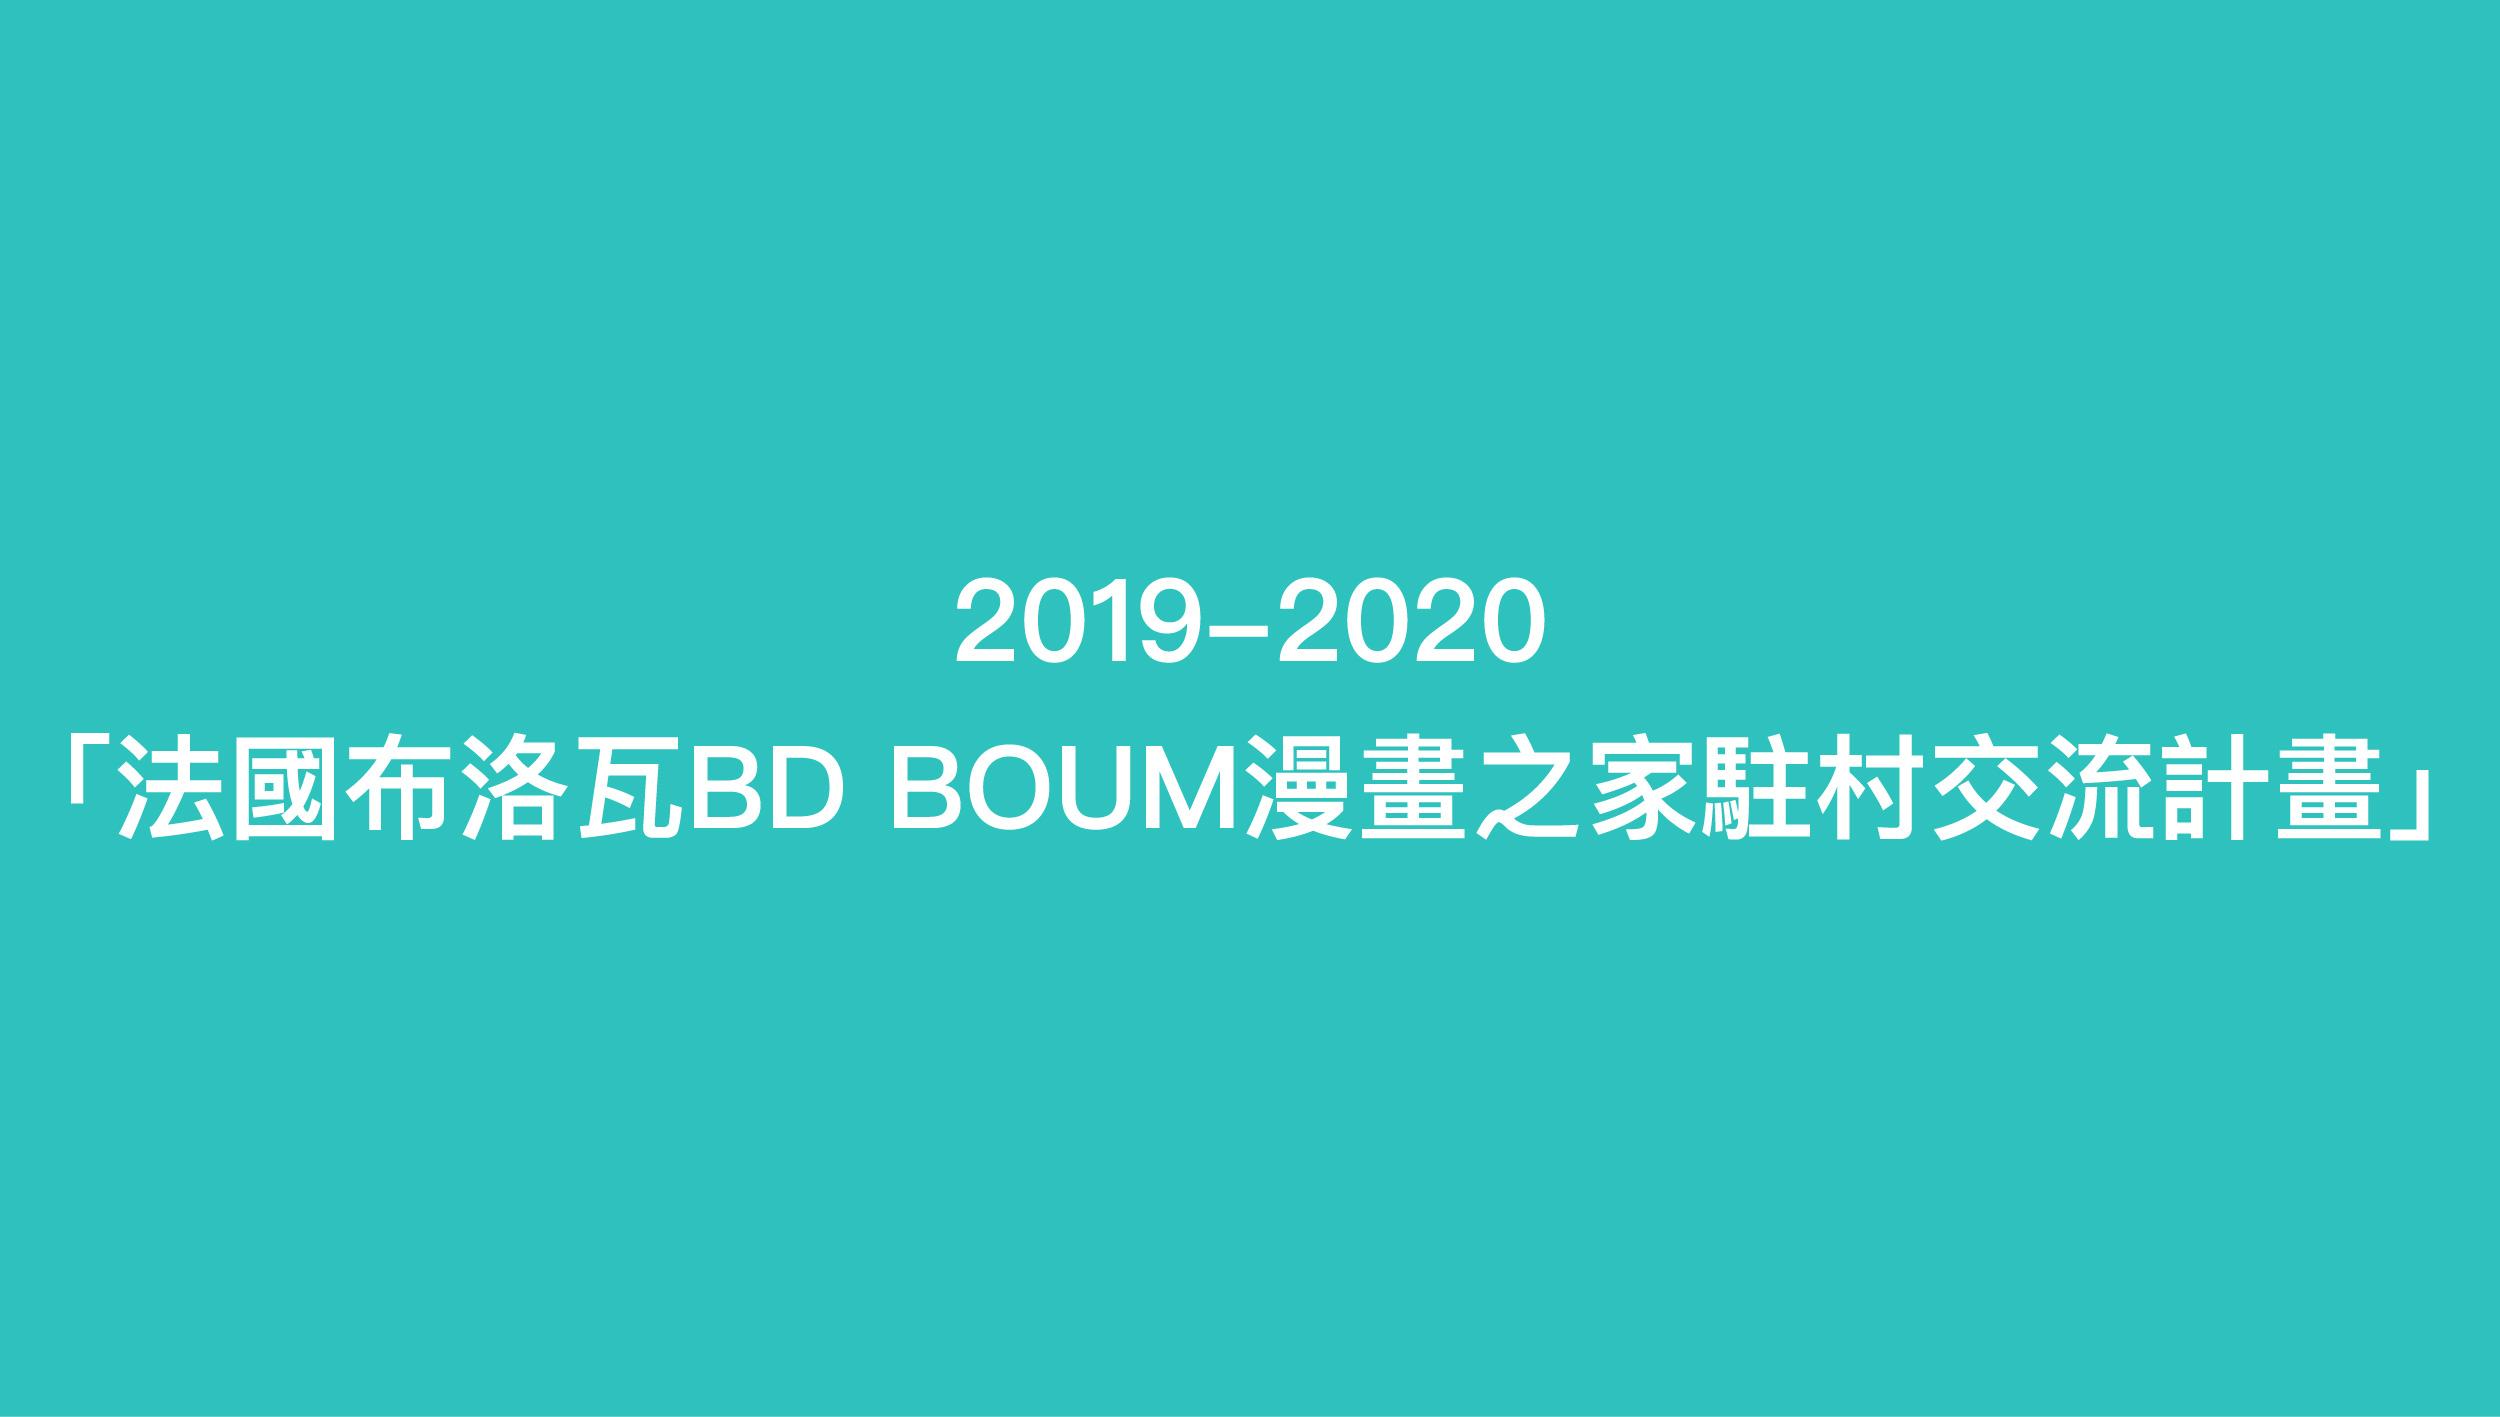 2019-2020「法國布洛瓦BD BOUM漫畫之家駐村交流計畫」5月16日截止收件